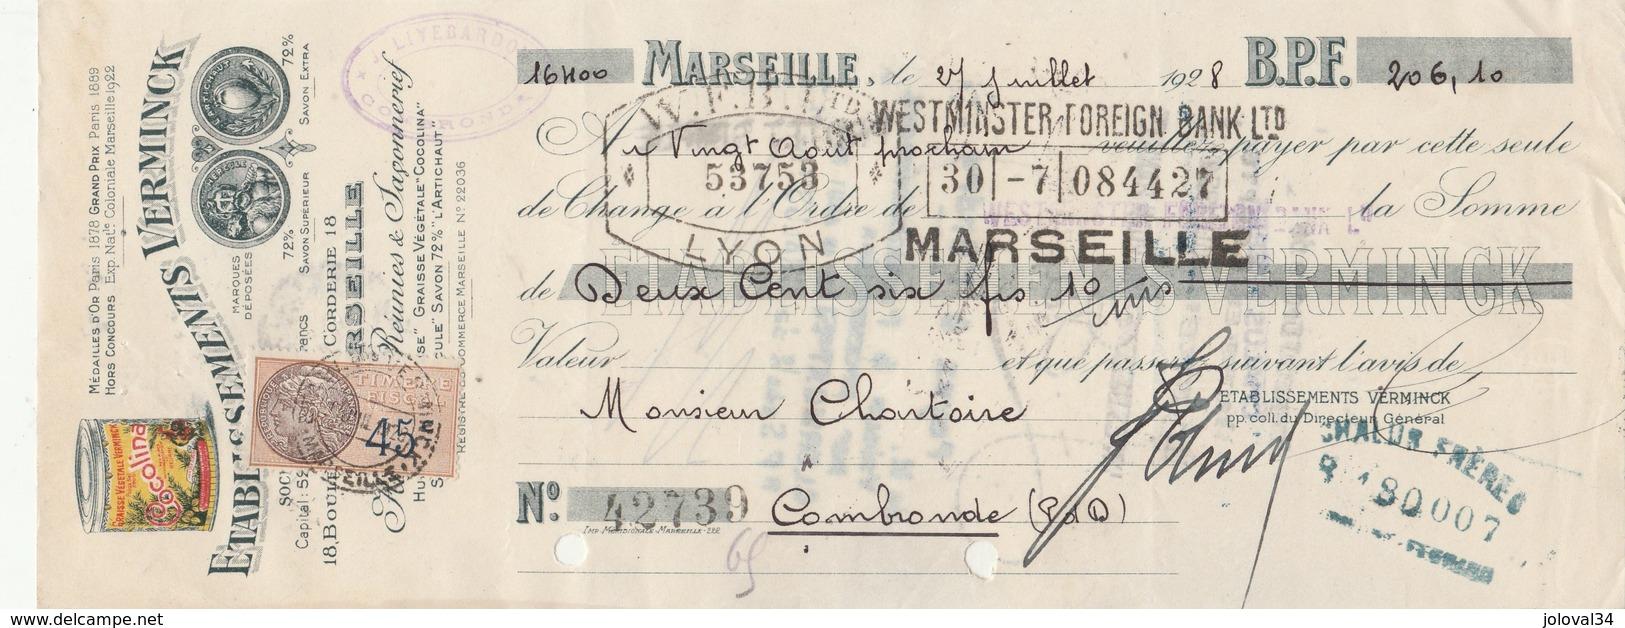 Lettre Change Illustrée 1928 Ets VERMINCK Graisse Cocolina Savon MARSEILLE Bouches Du Rhône Chartoire Combronde - Lettres De Change